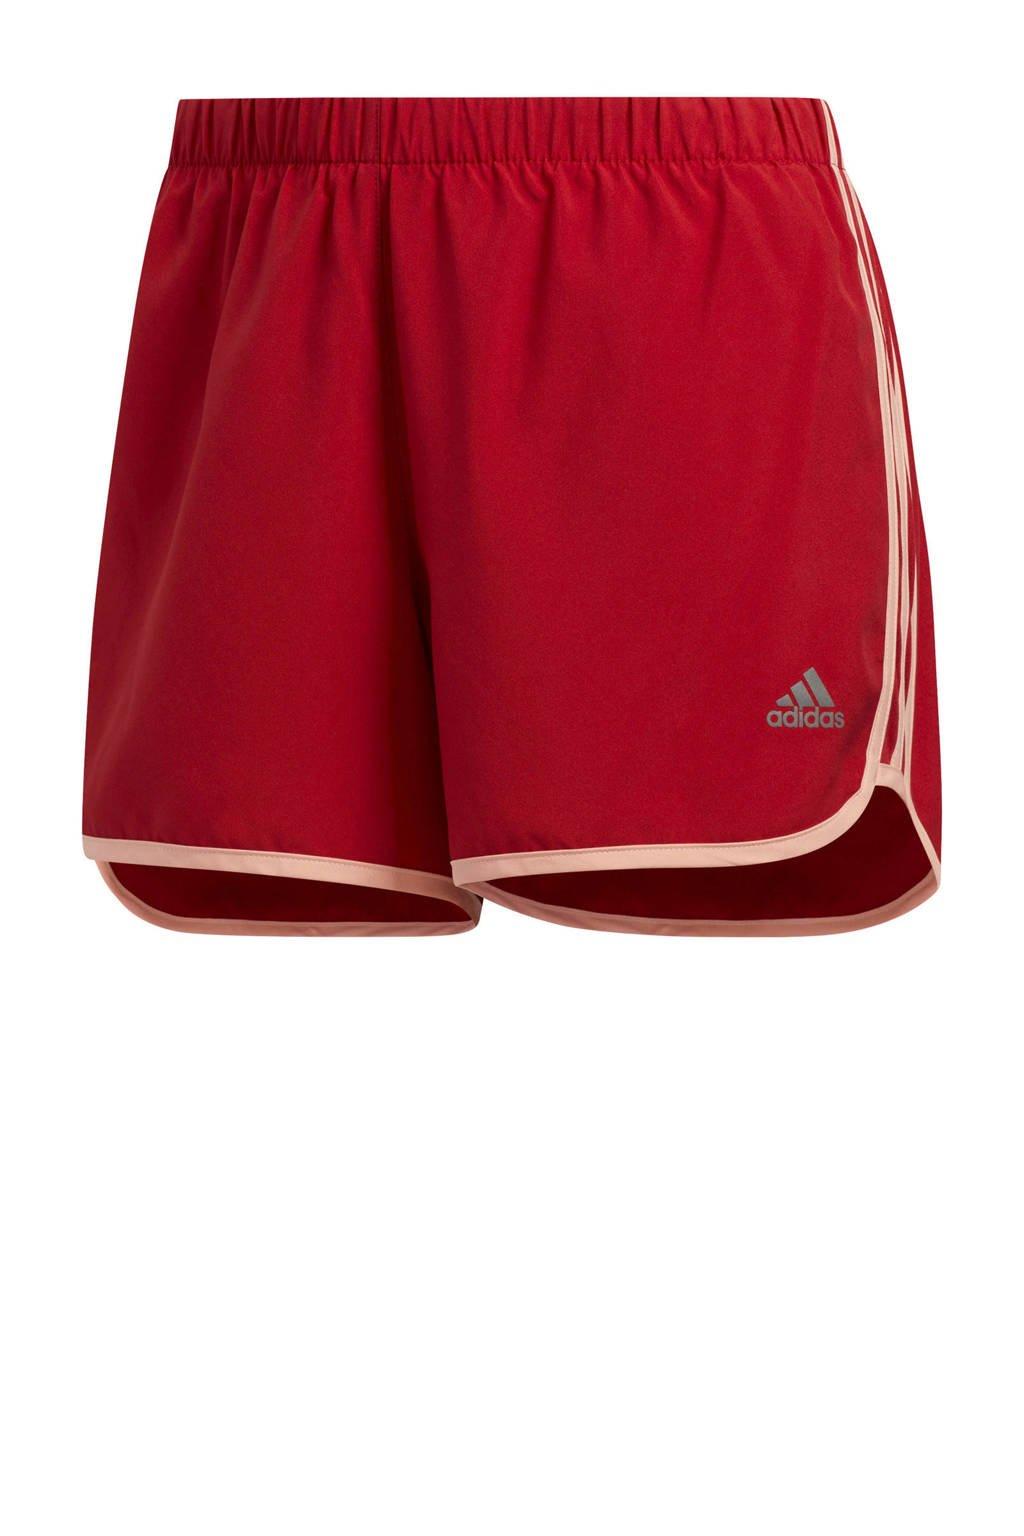 adidas performance hardloopshort rood, Rood